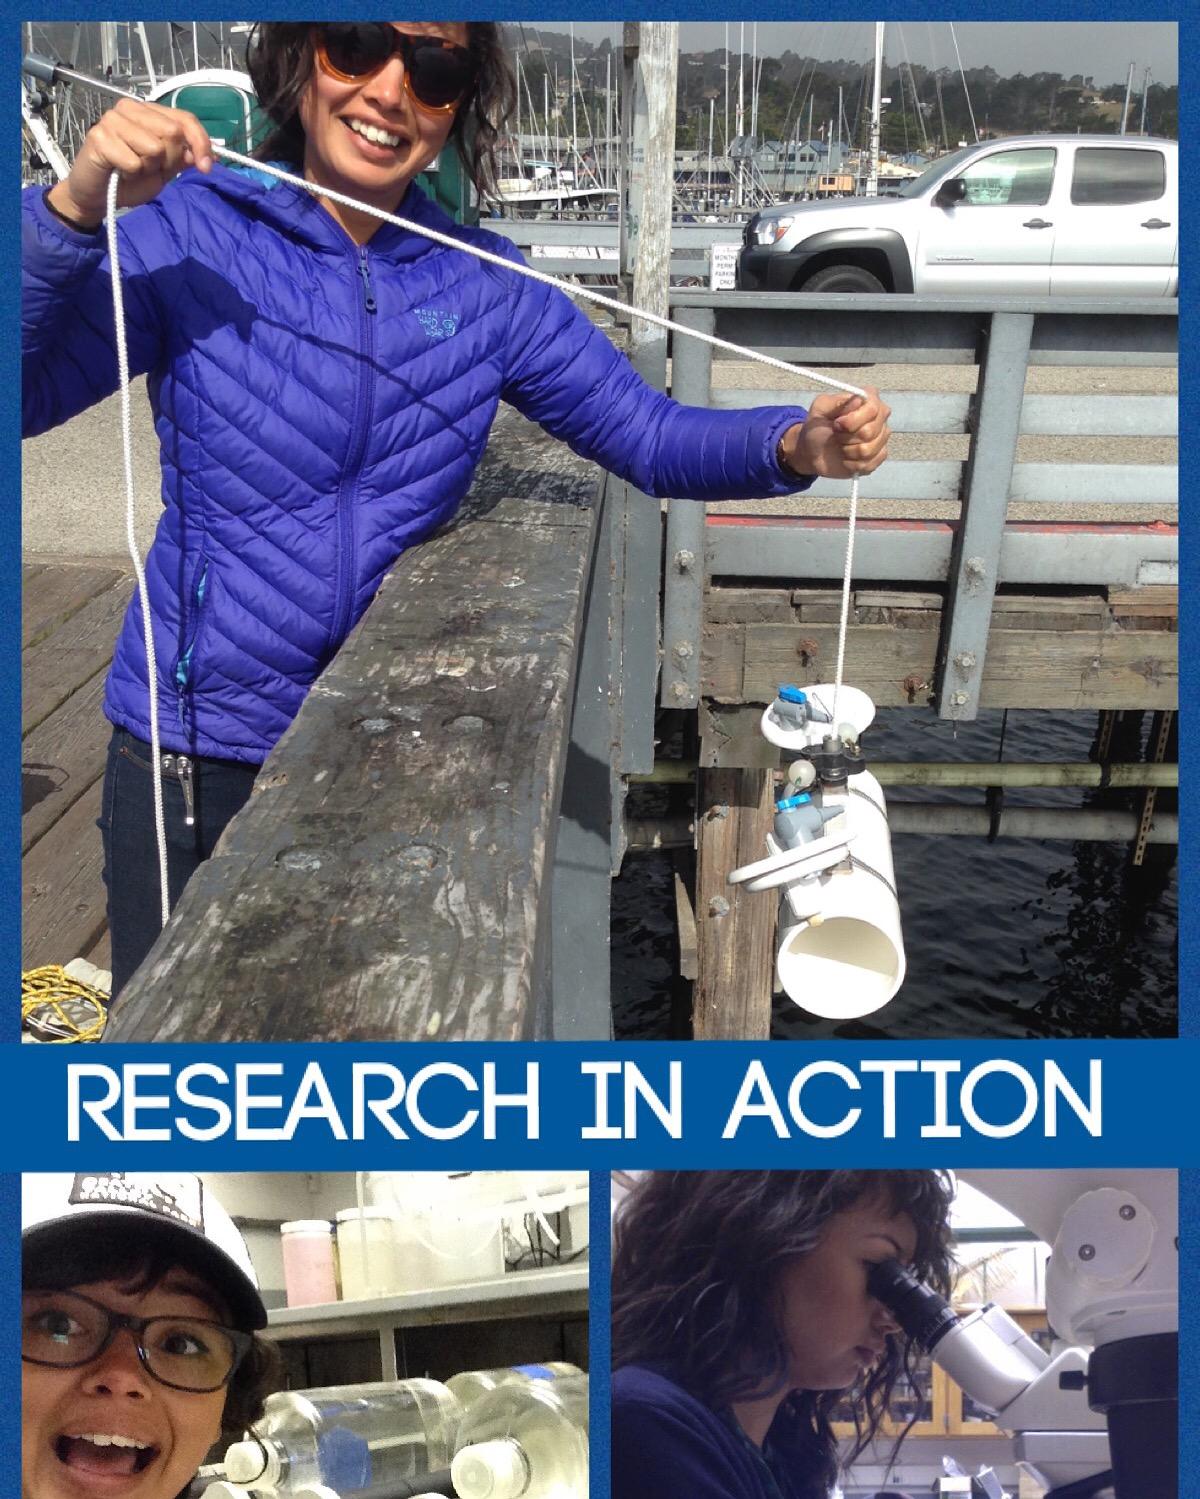 Melia collecting diatom samples at Moss Landing